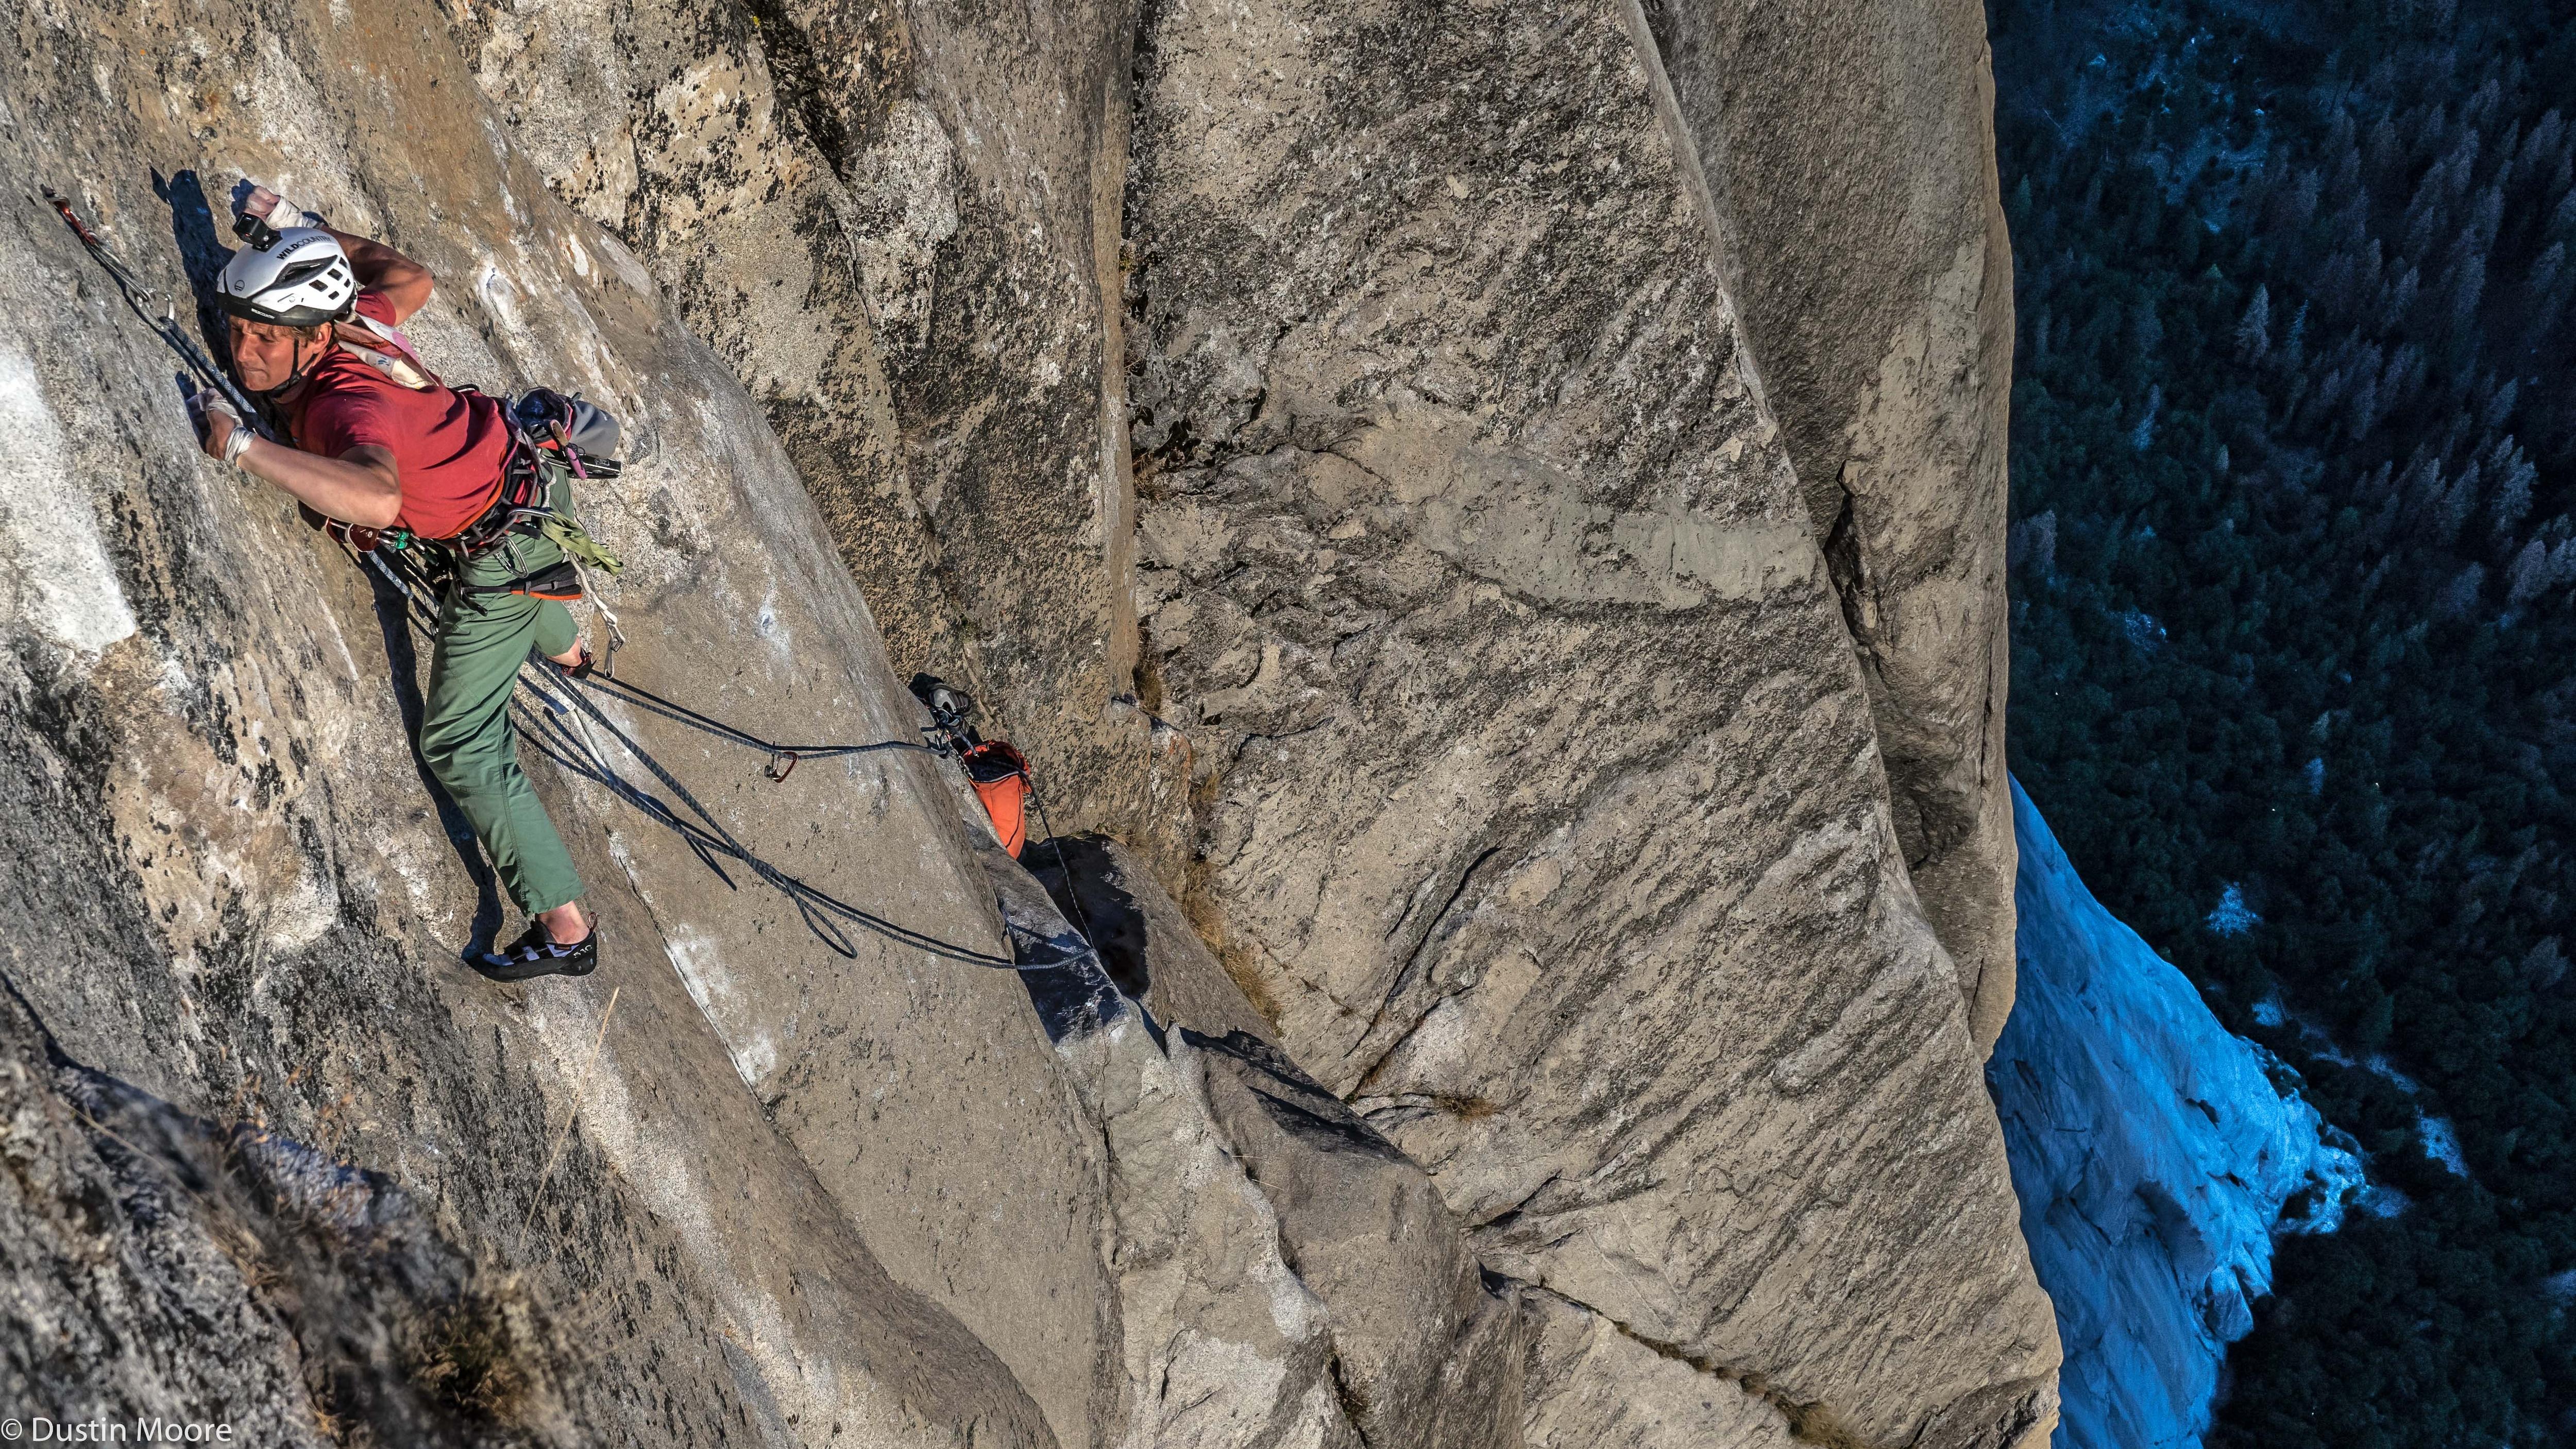 Photo of El Capitan, prima ascesa in solitaria e in meno di un giorno.